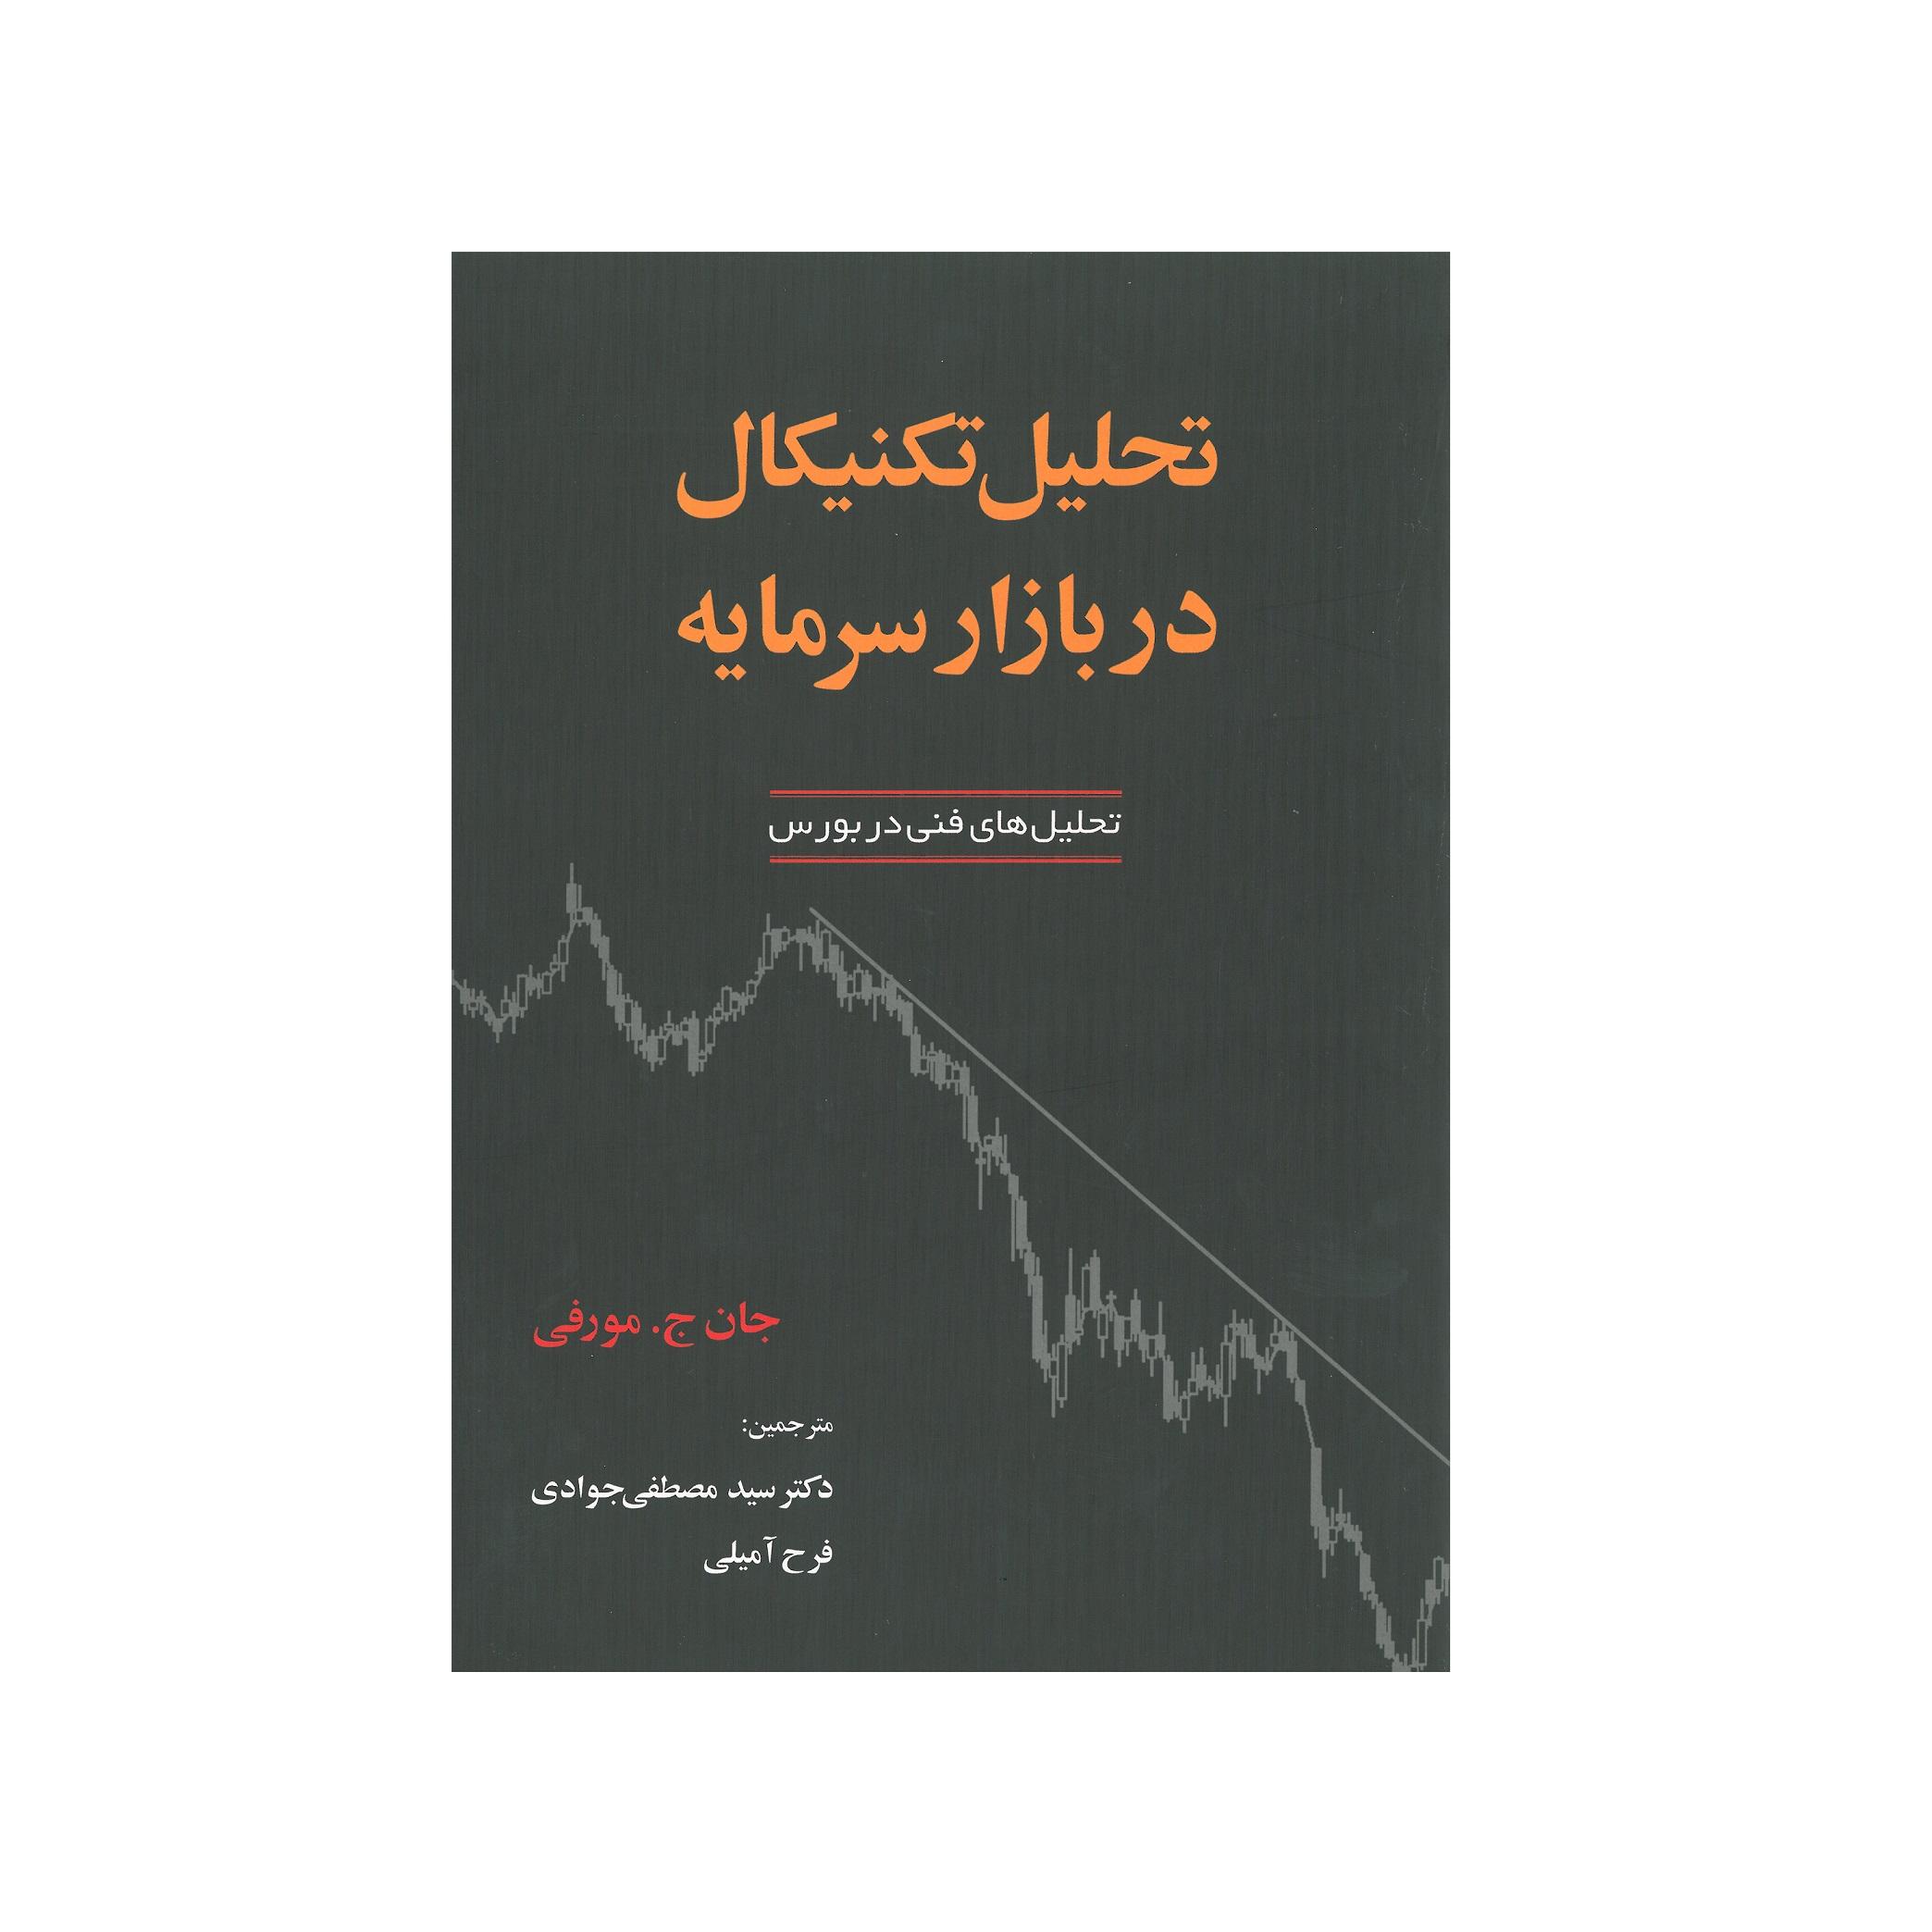 خرید                      کتاب تحلیل تکنیکال در بازار سرمایه اثر جان ج.مورفی انشارات آذرین مهر